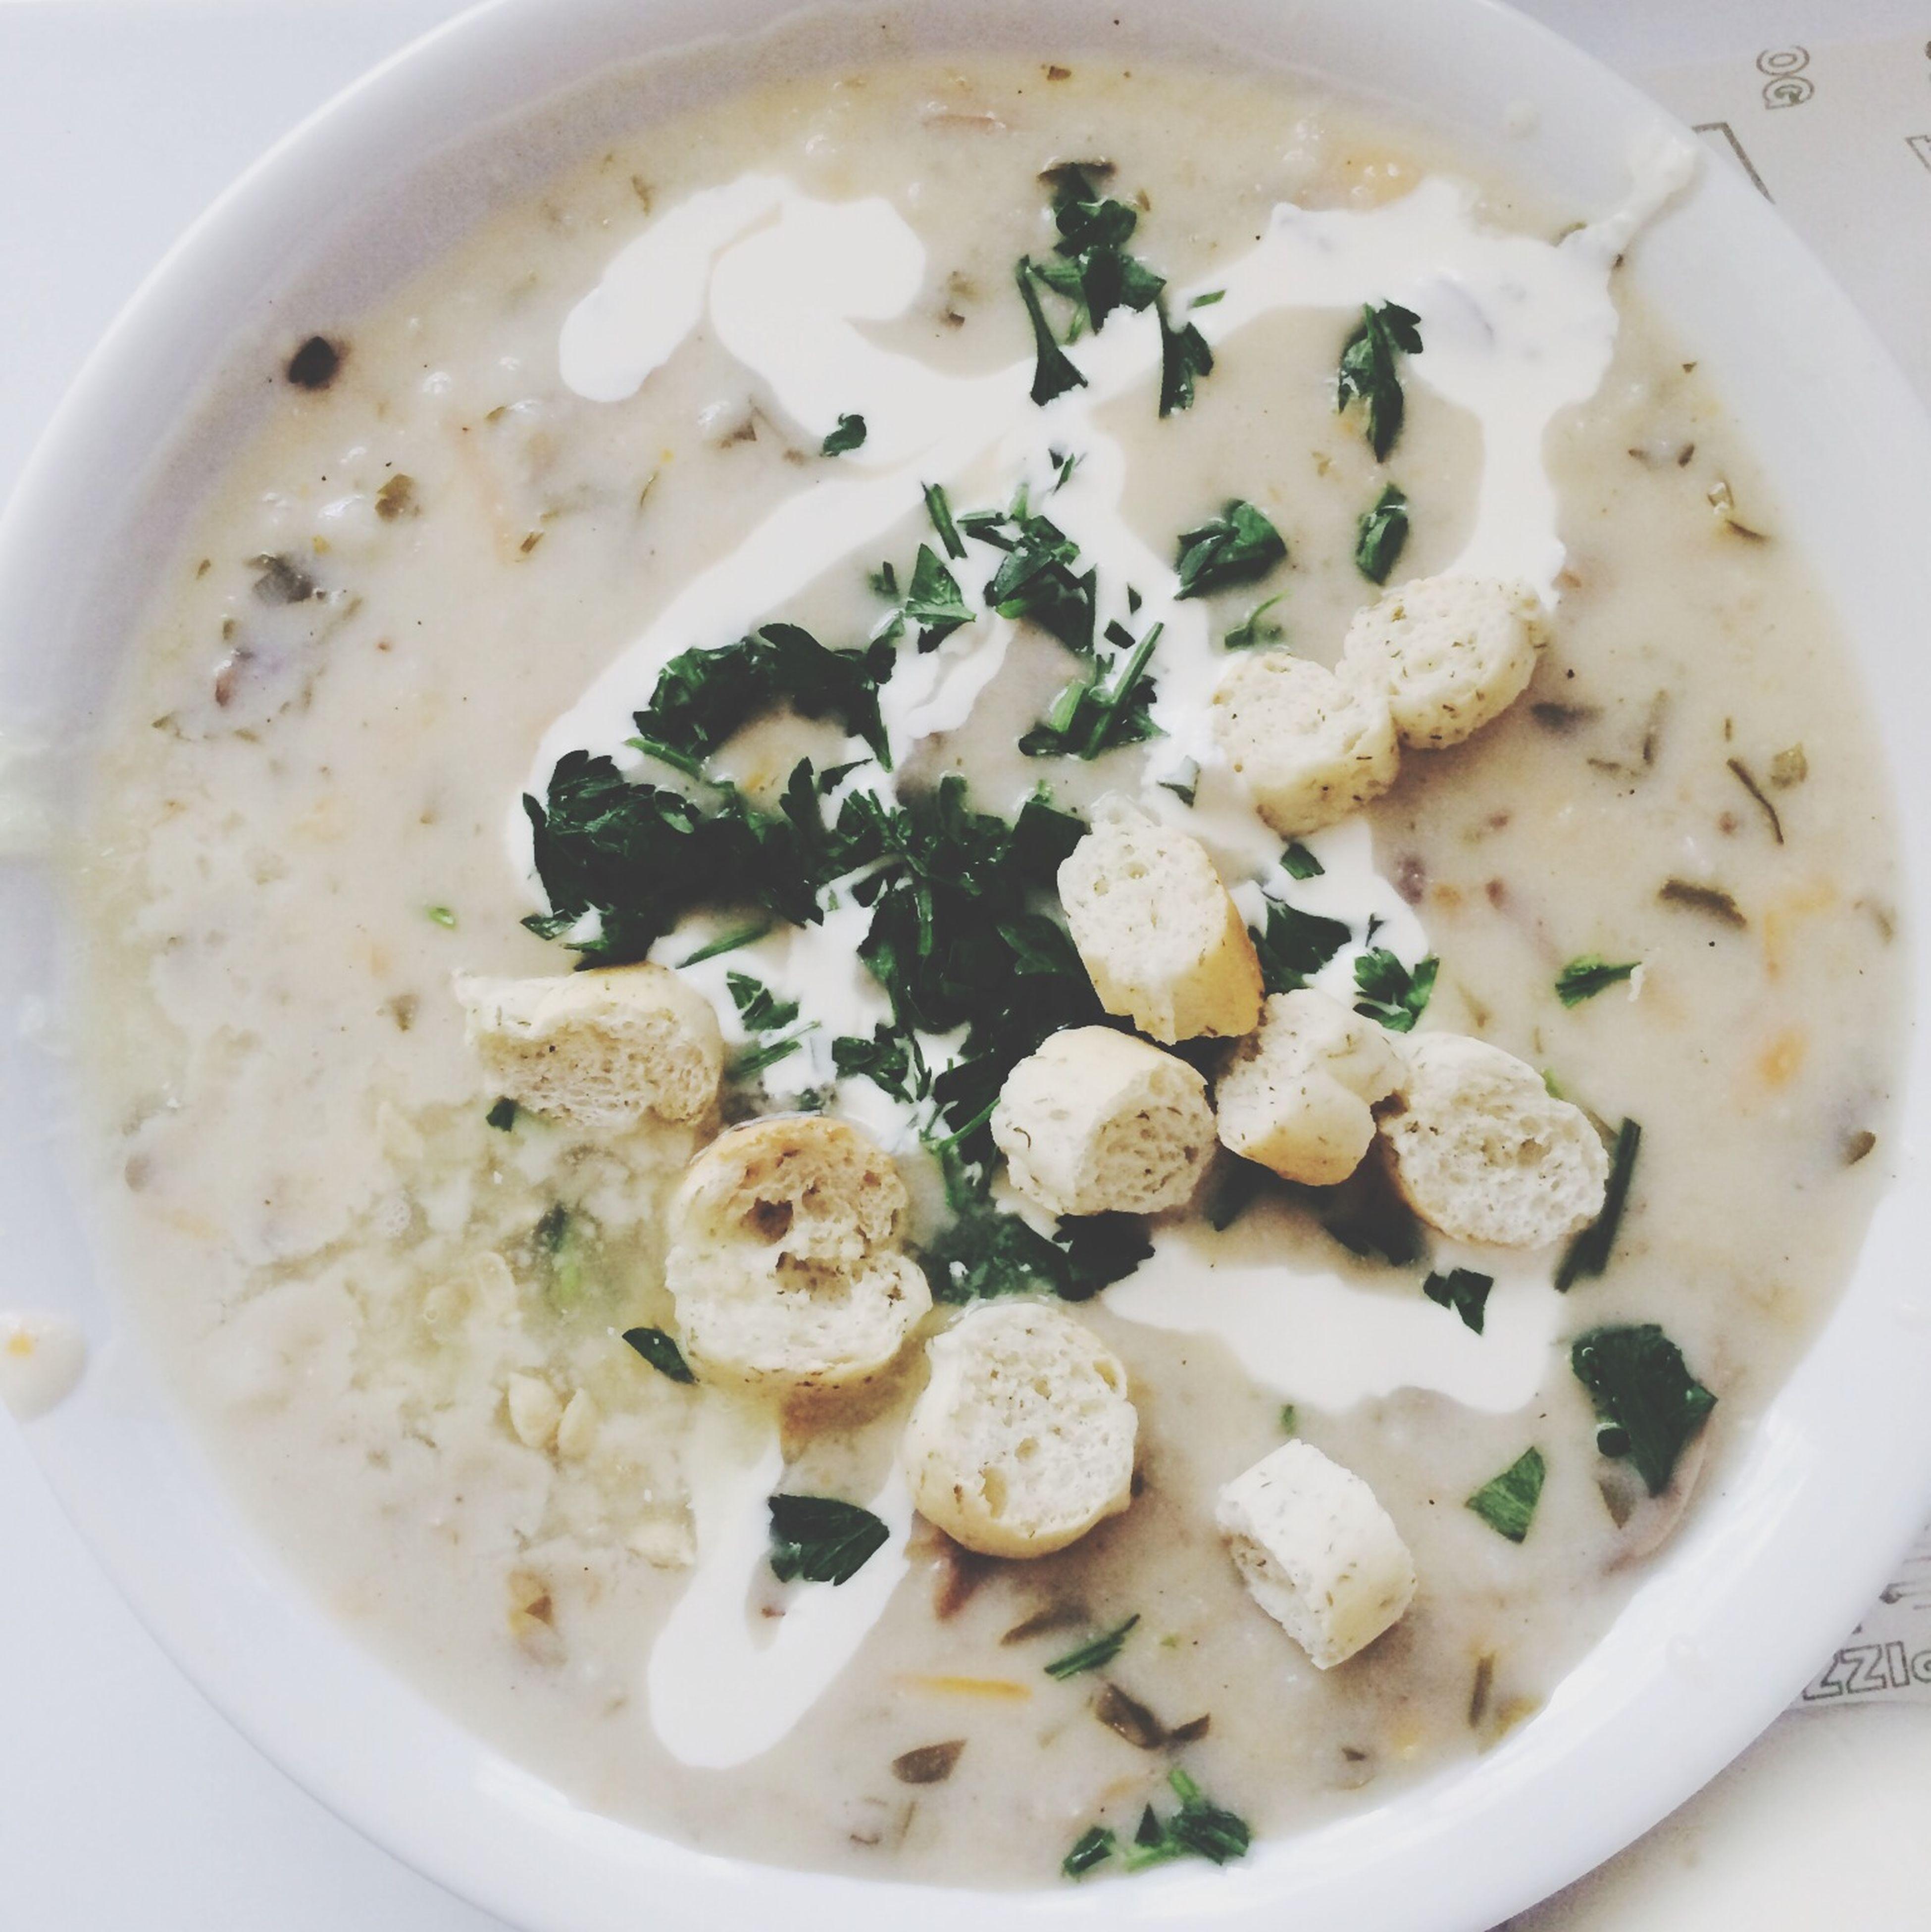 سوپ معرکه بزن